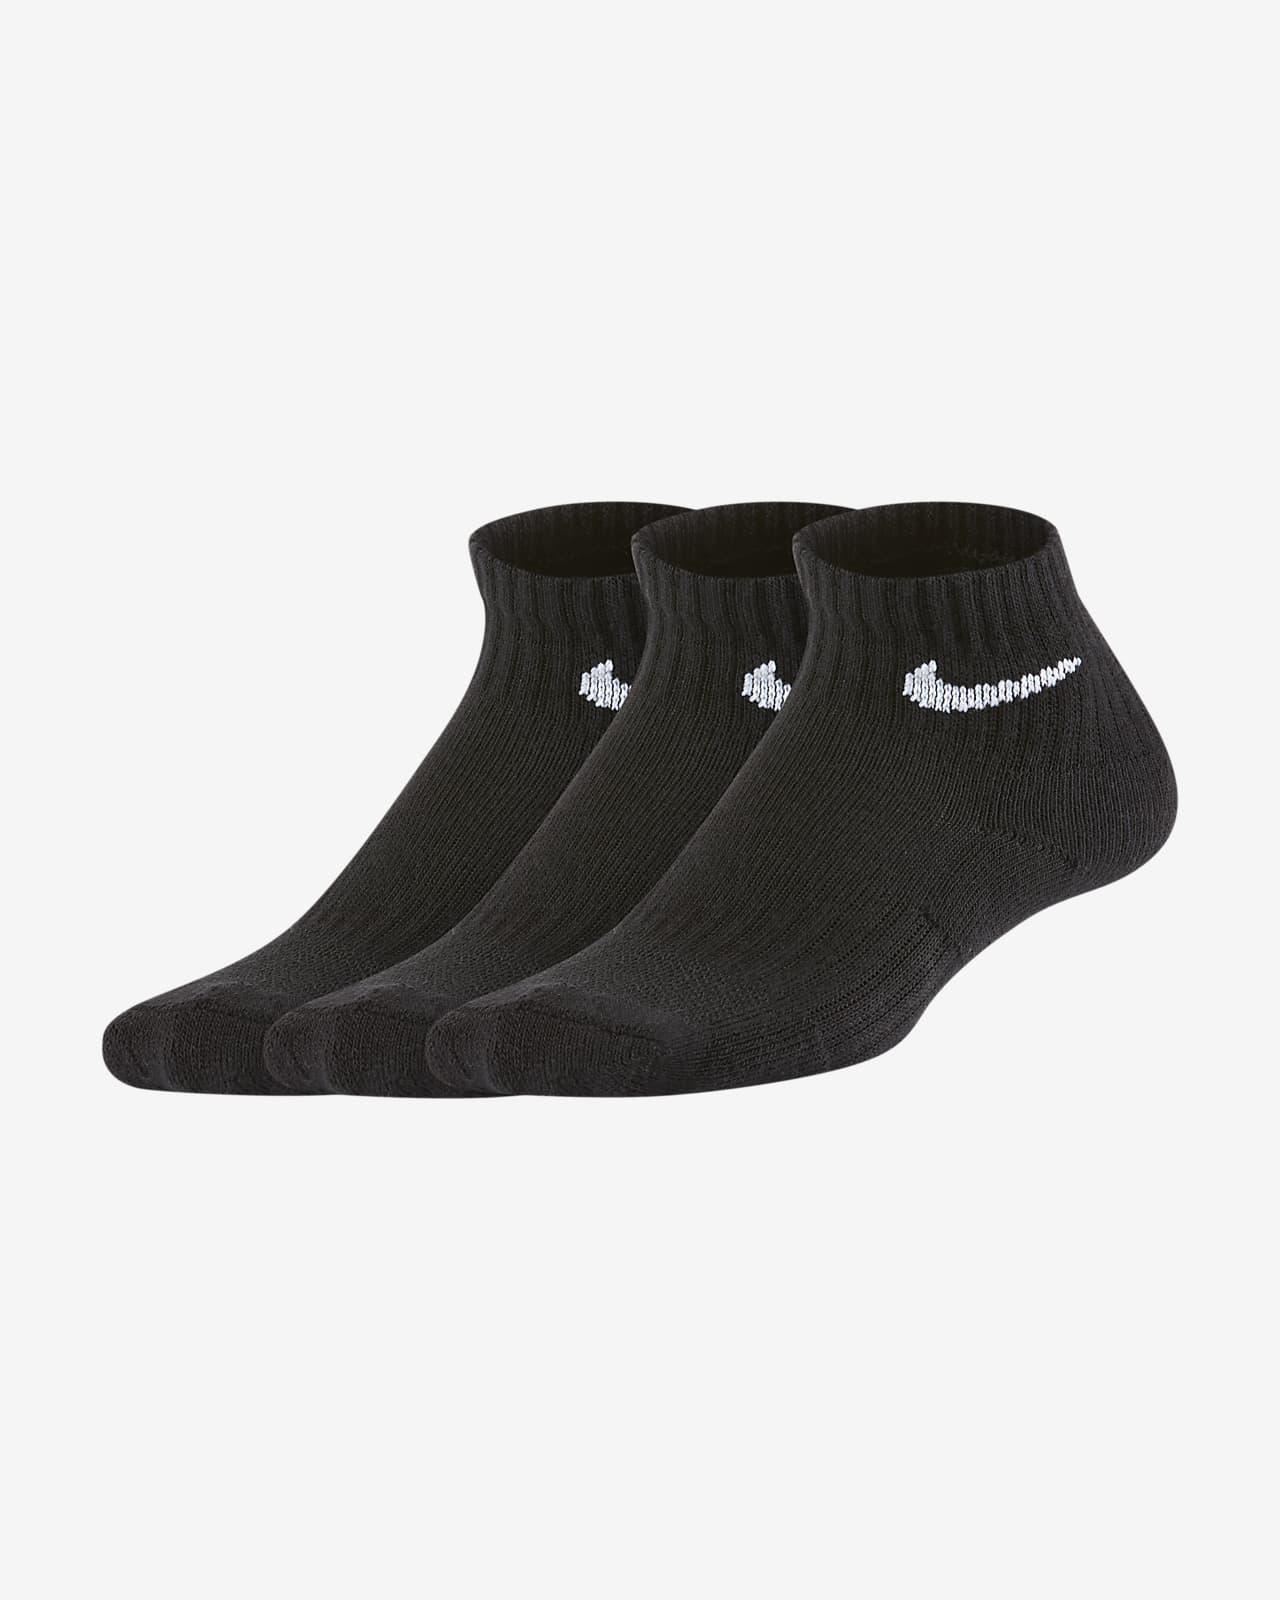 Nike Everyday Calcetines hasta el tobillo acolchados (3 pares) - Niño/a pequeño/a